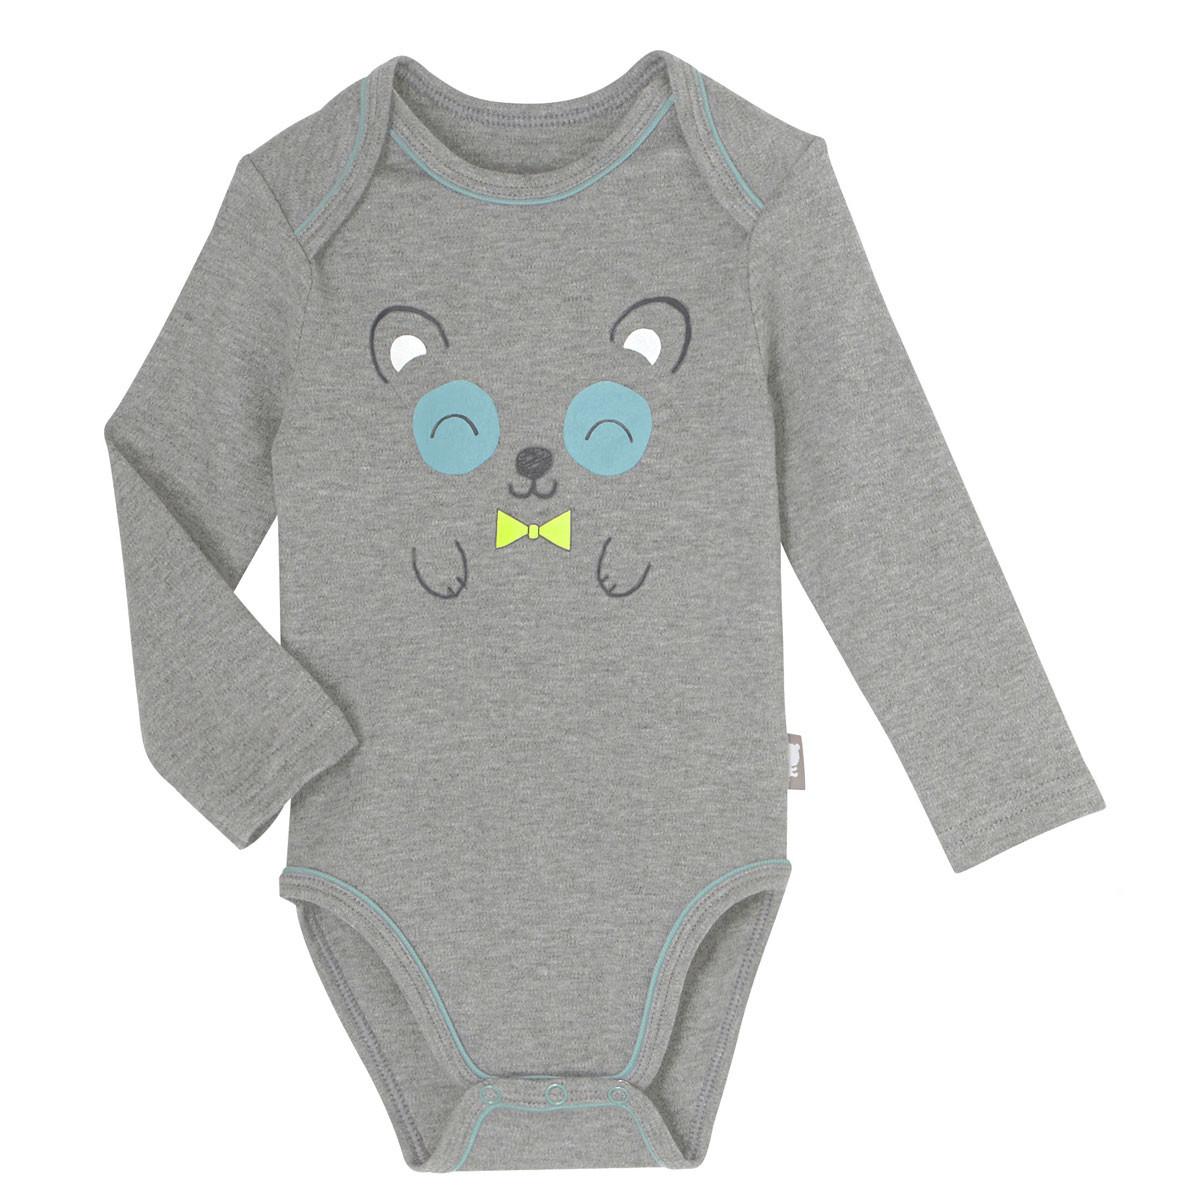 ... Lot de 2 bodies bébé garçon manches longues Petit Panda. Prix réduit 2a7daf59649